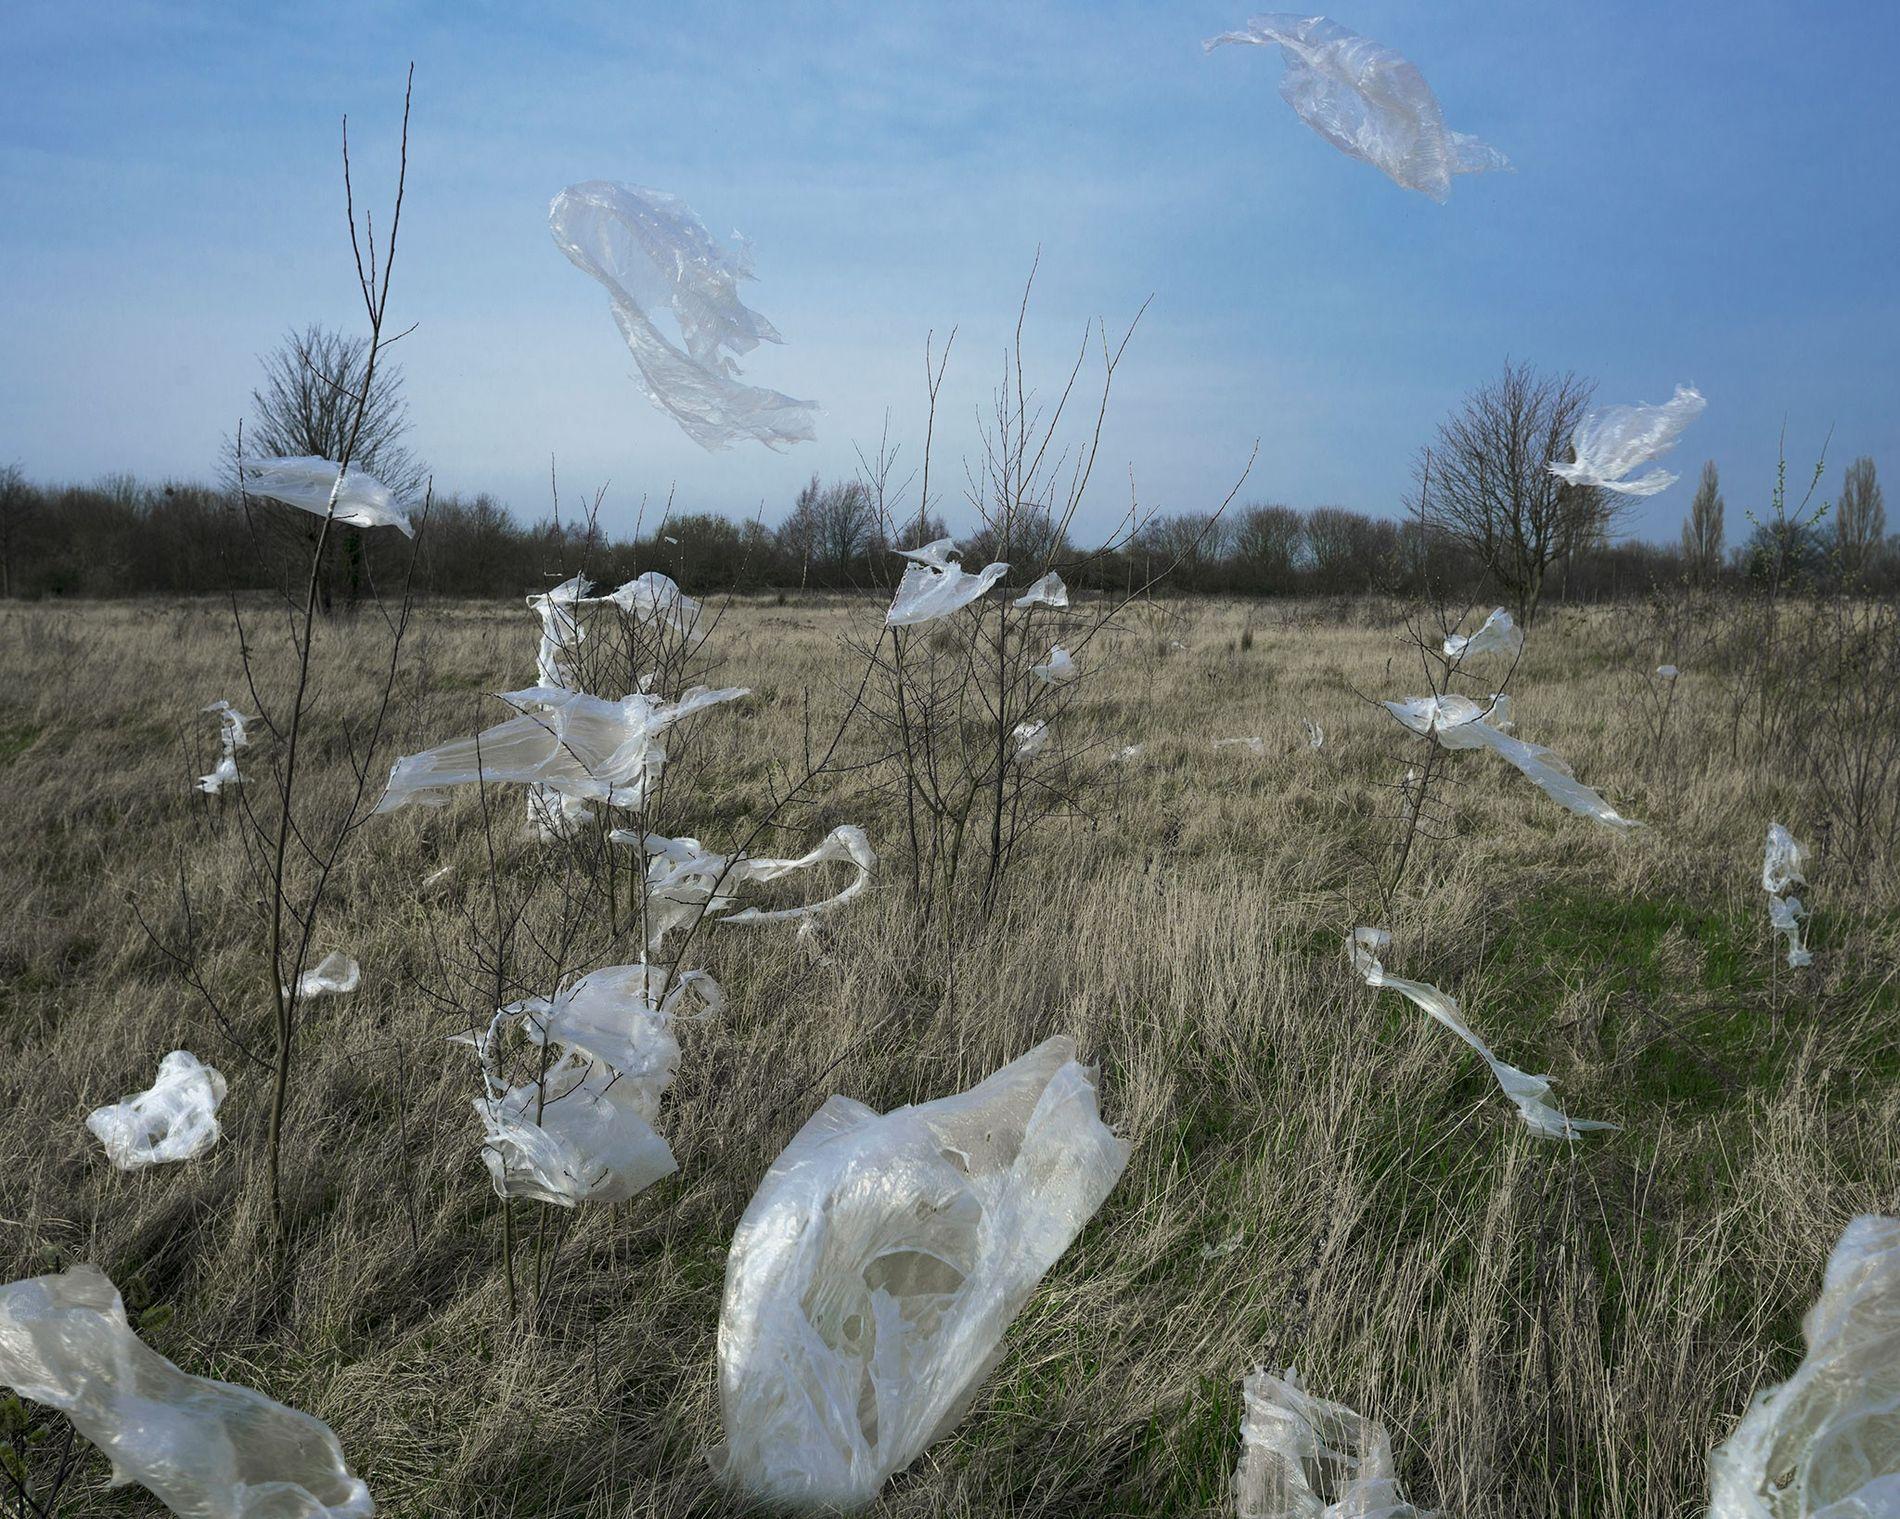 Pedazos de plástico vuelan sobre la Tierra y, eventualmente, se descomponen en pequeñas partículas.